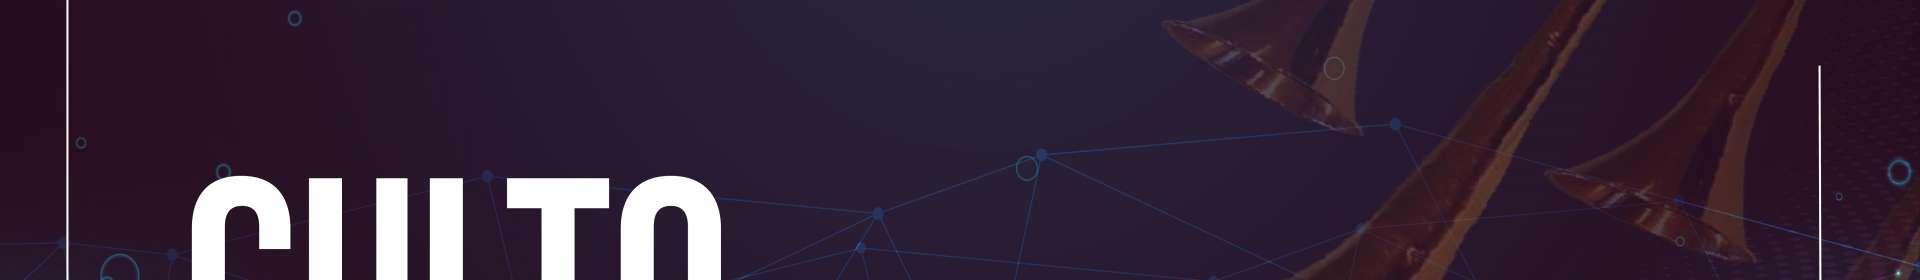 Culto via satélite exibido em 03/11/2019